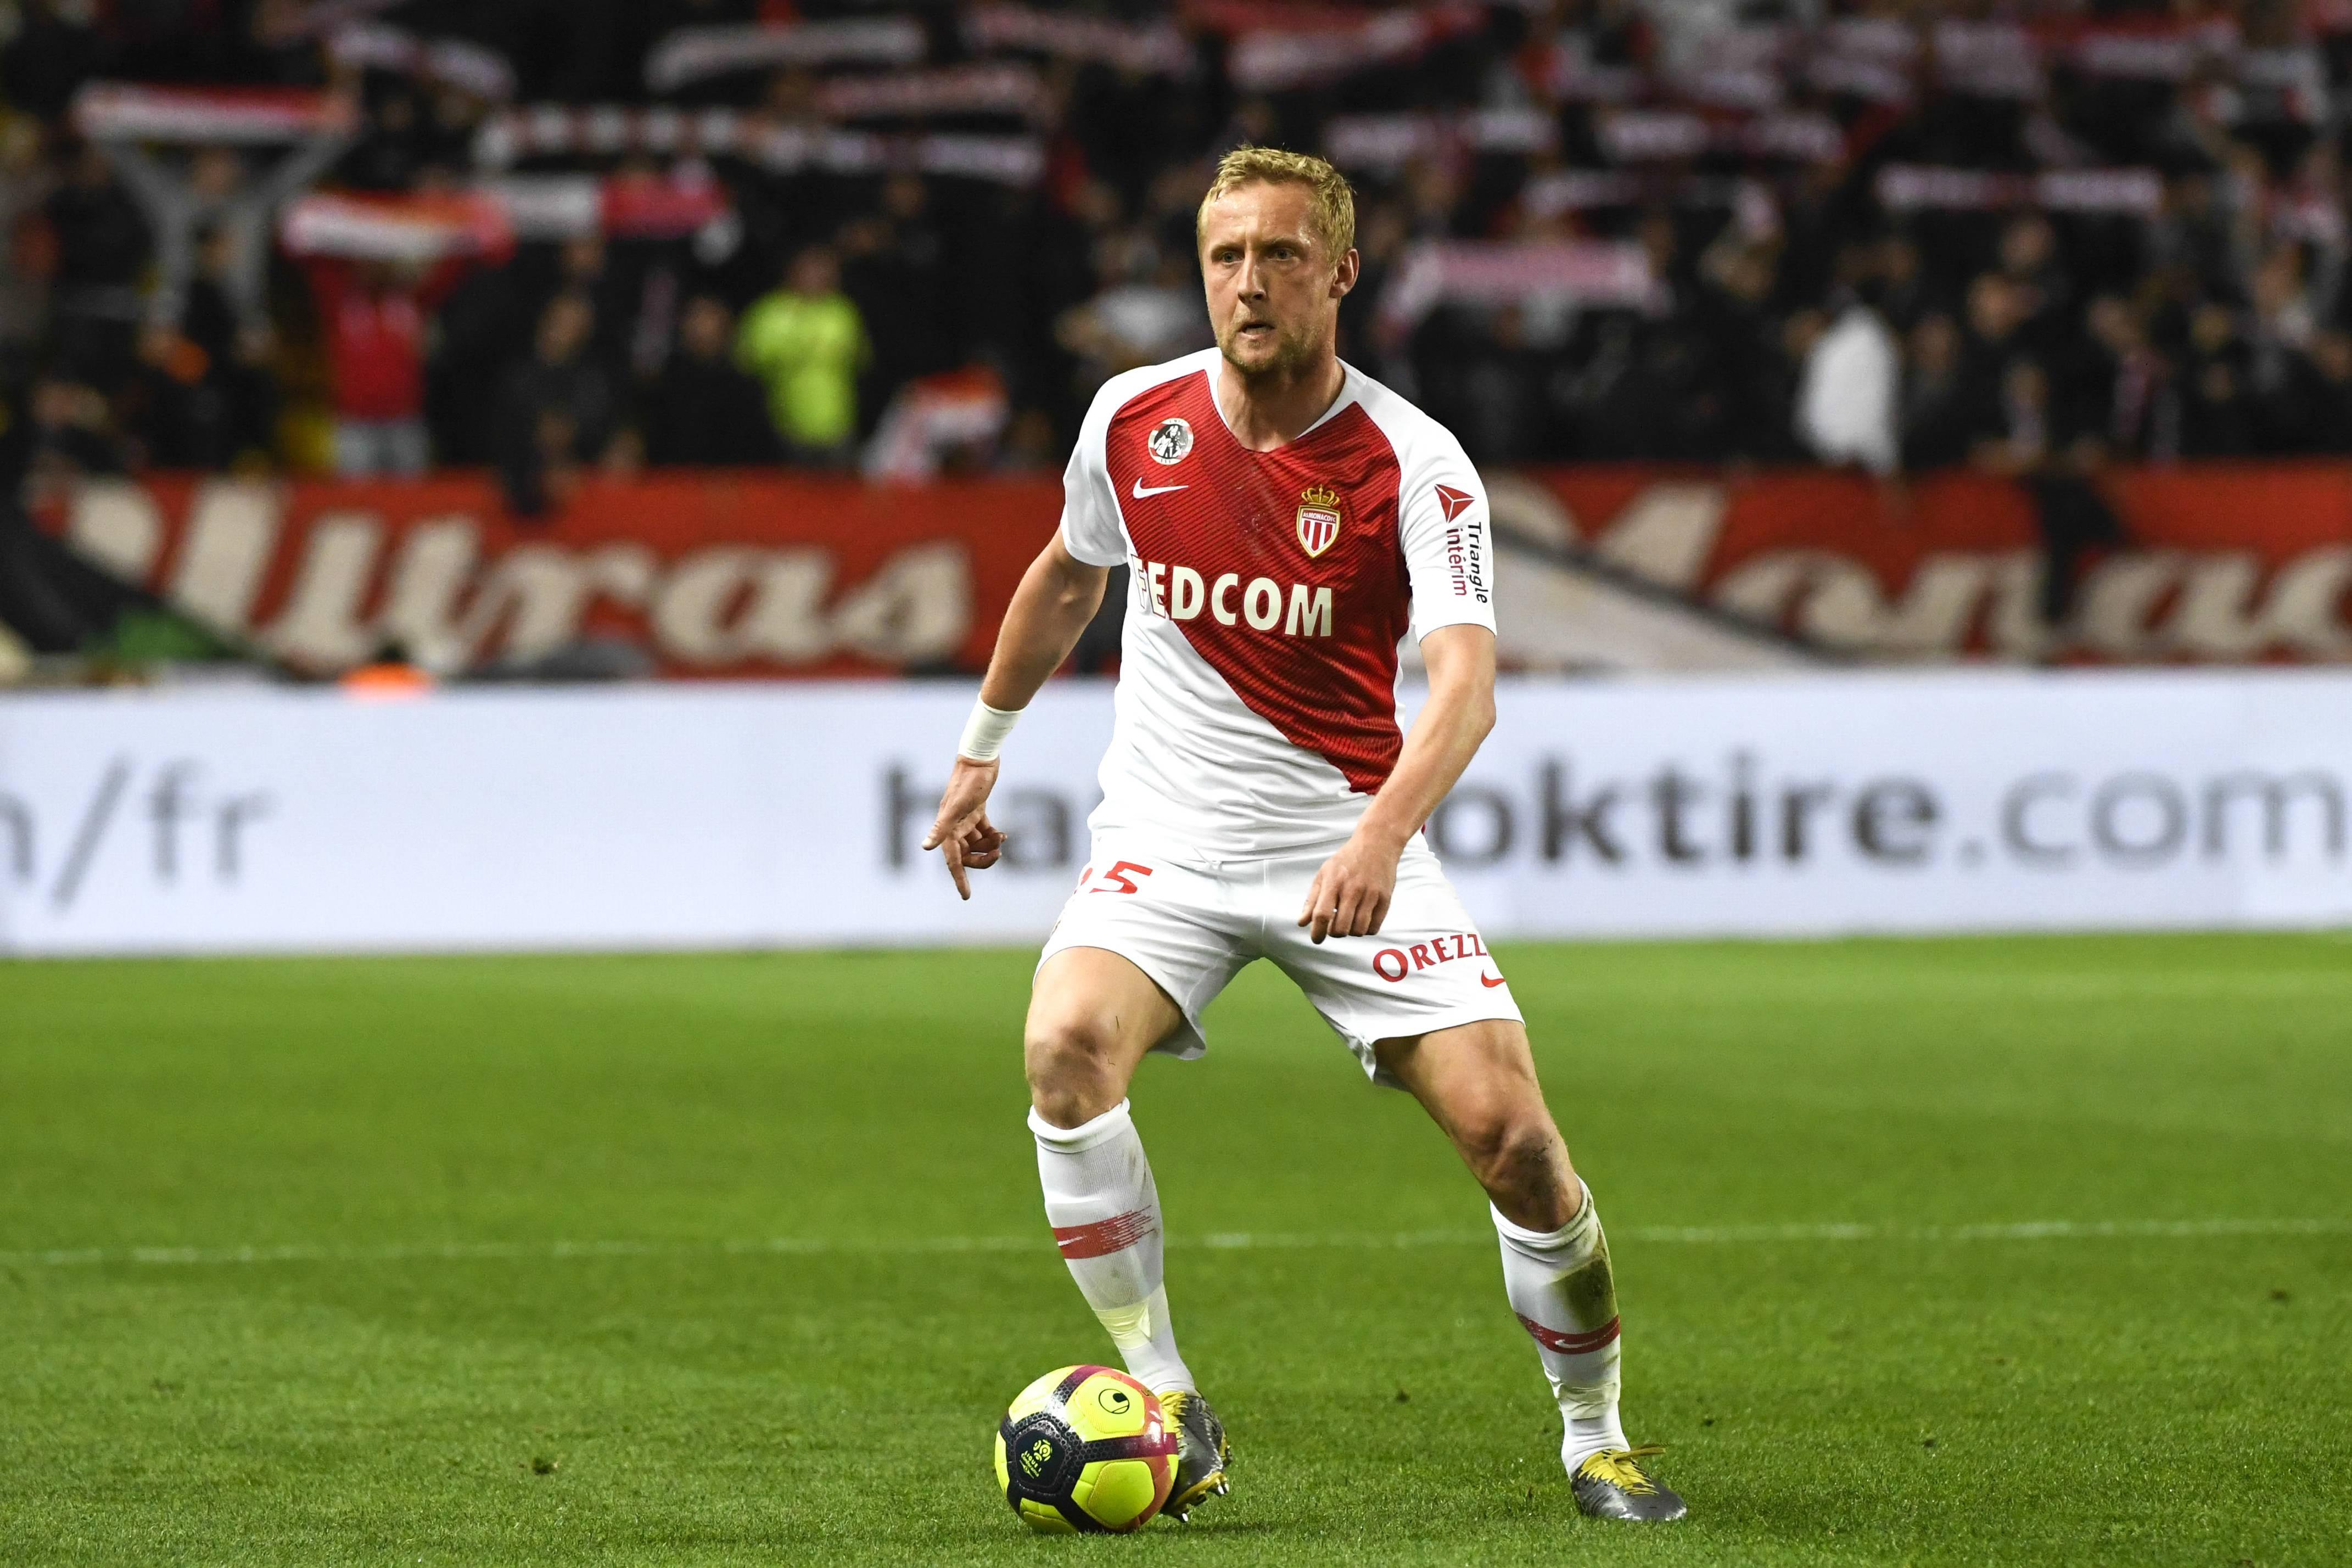 0d05a3abb Ligue 1: ważne zwycięstwo AS Monaco, kolejny cały mecz Kamila Glika.  Wygrana PSG, Lille OSC wicemistrzem Francji - WP SportoweFakty